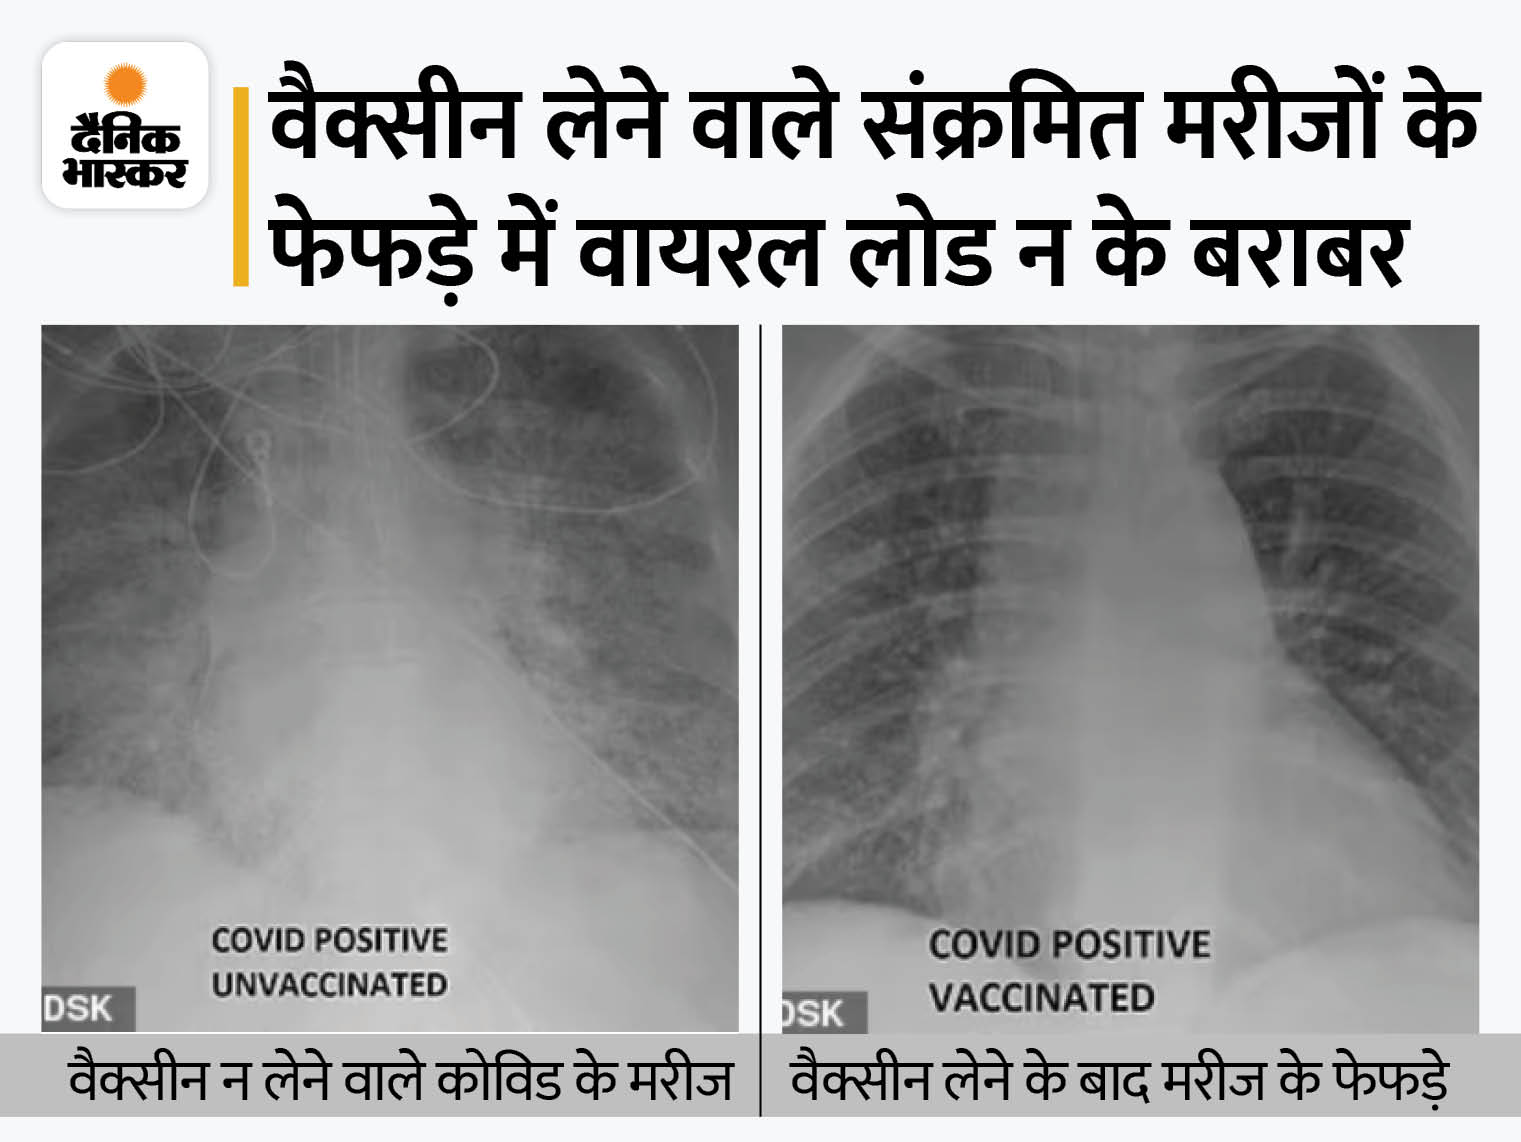 वैक्सीन न लेने वाले कोरोना पेशेंट के फेफड़े में दिखे सफेद धब्बे, यही ऑक्सीजन की कमी का कारण; टीका लगवाने वालों में ऐसा नहीं हुआ|लाइफ & साइंस,Happy Life - Dainik Bhaskar